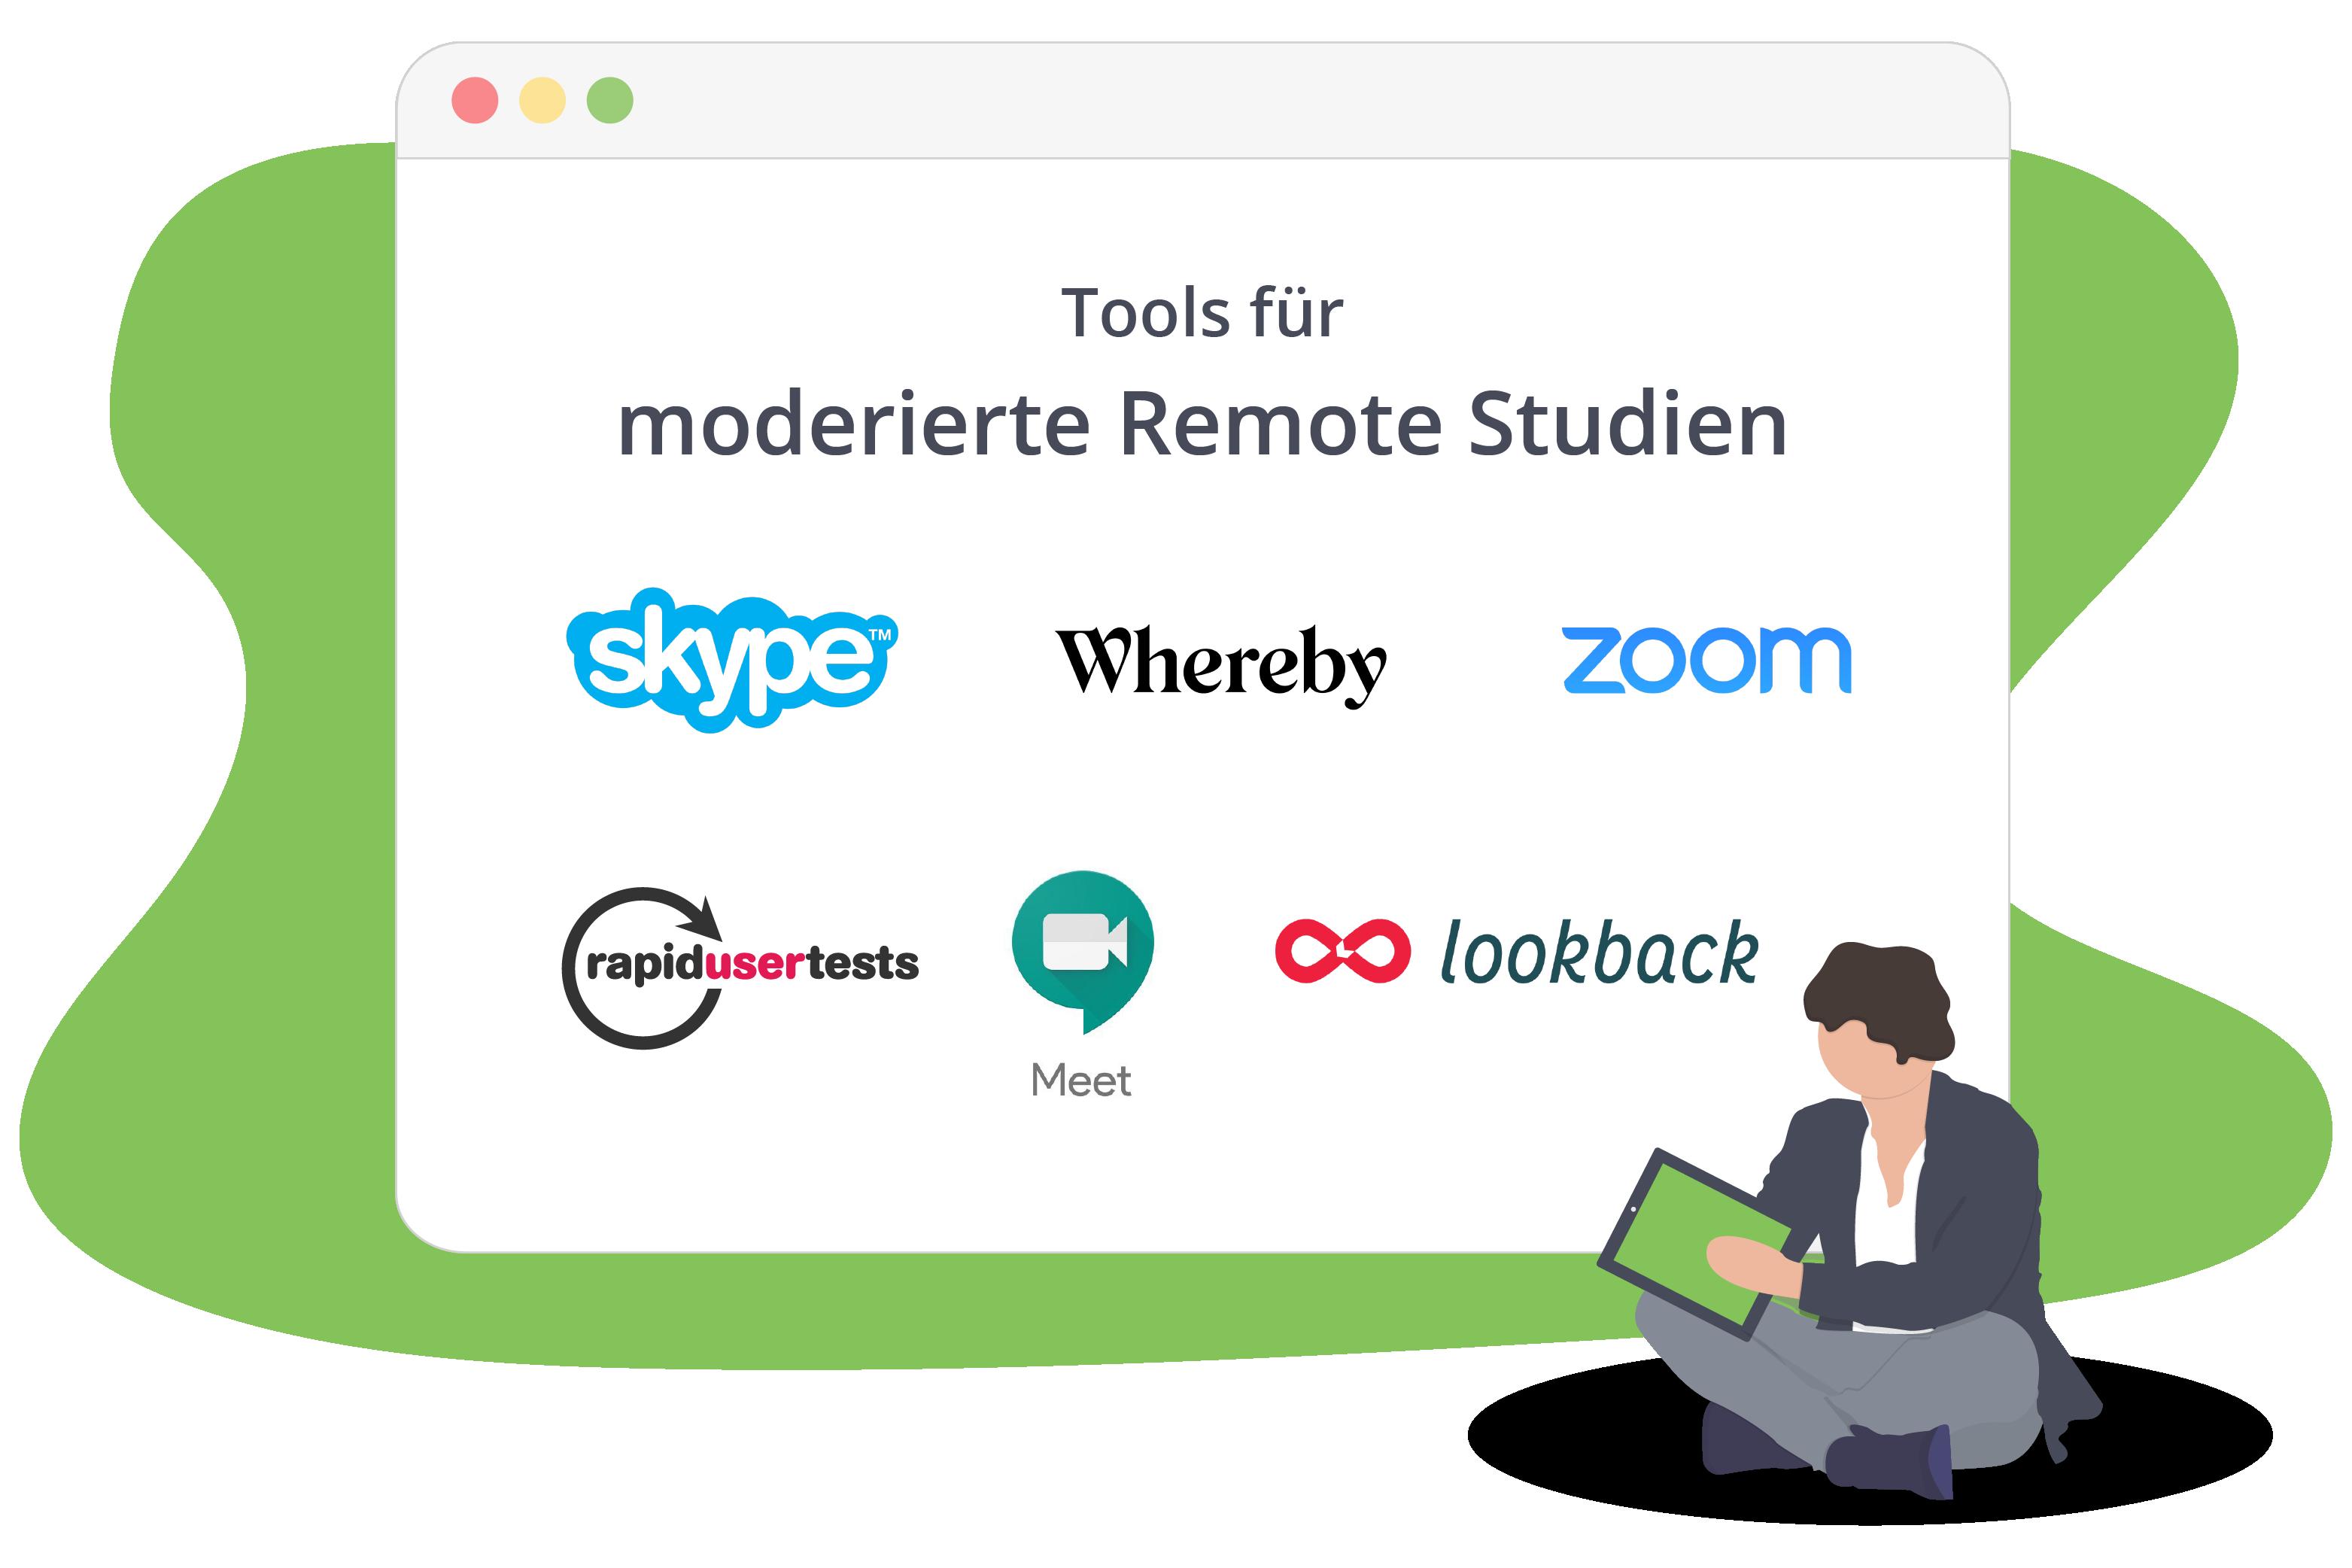 Tools für moderierte Remote Studien